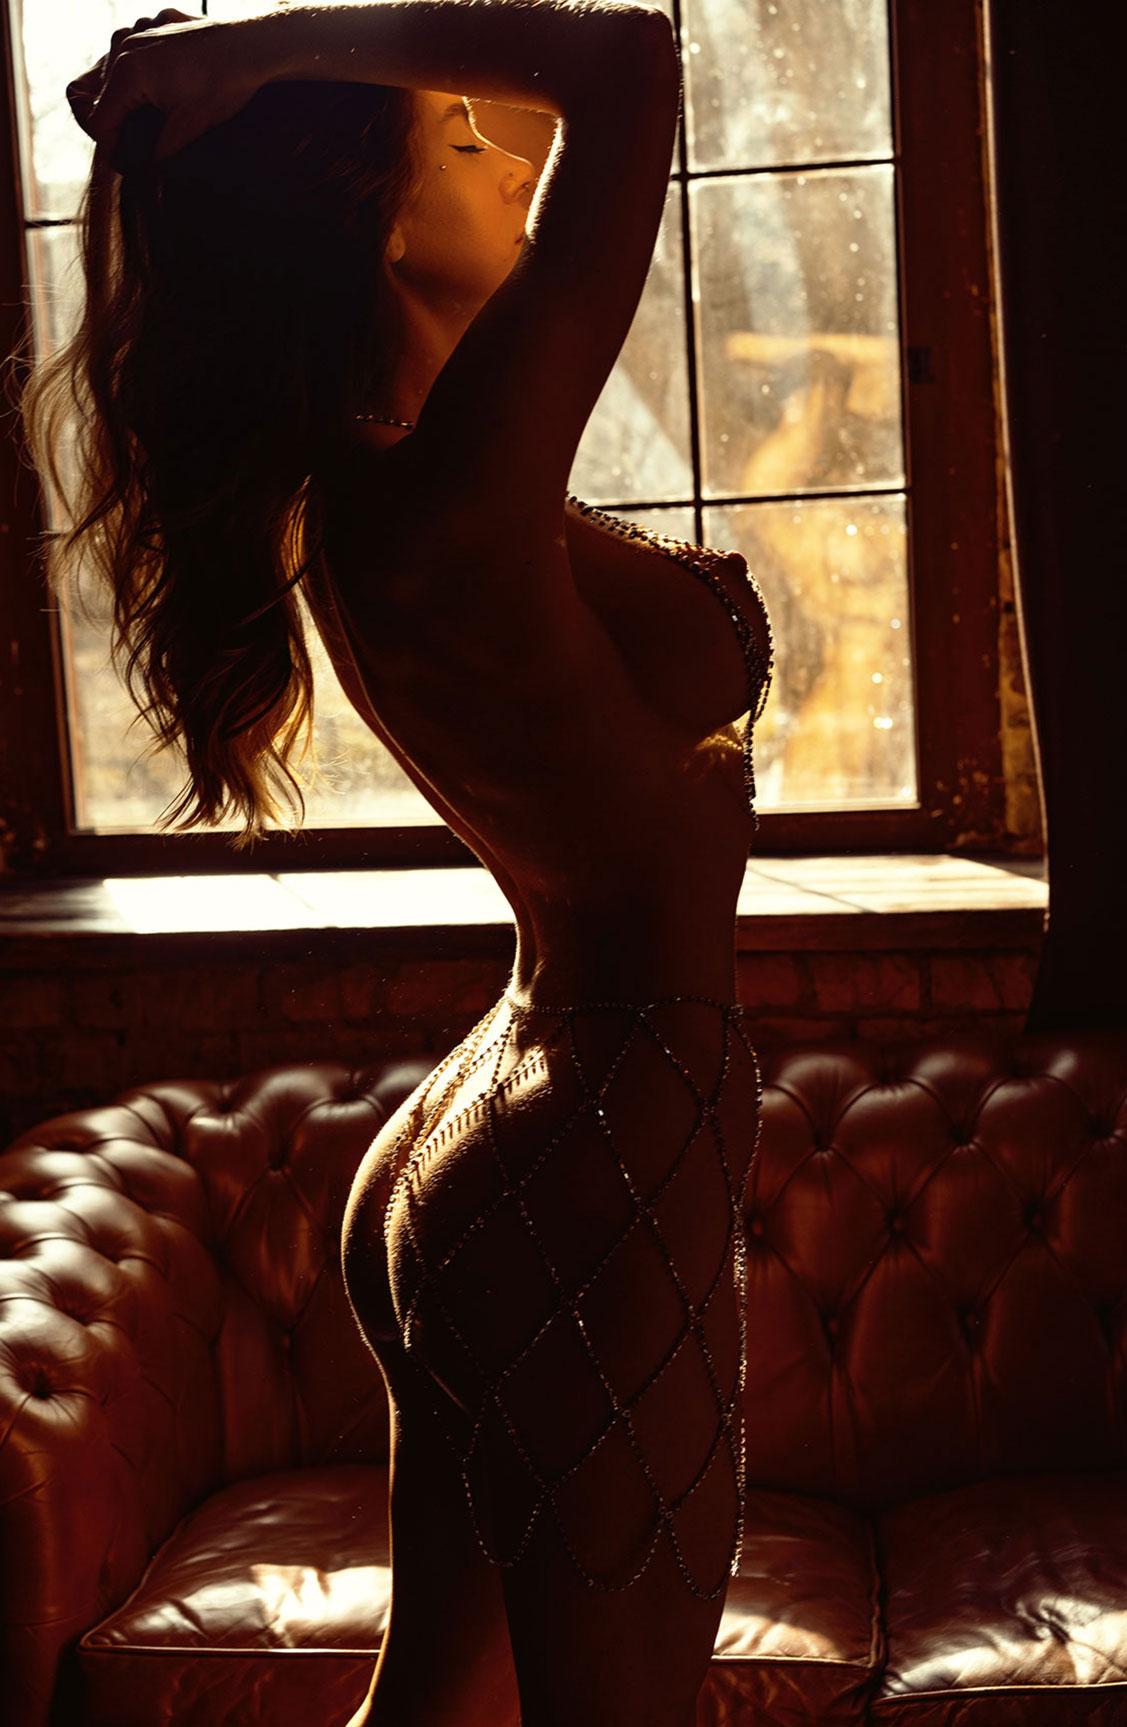 Сексуальная голая девушка в драгоценных цепях / фото 12